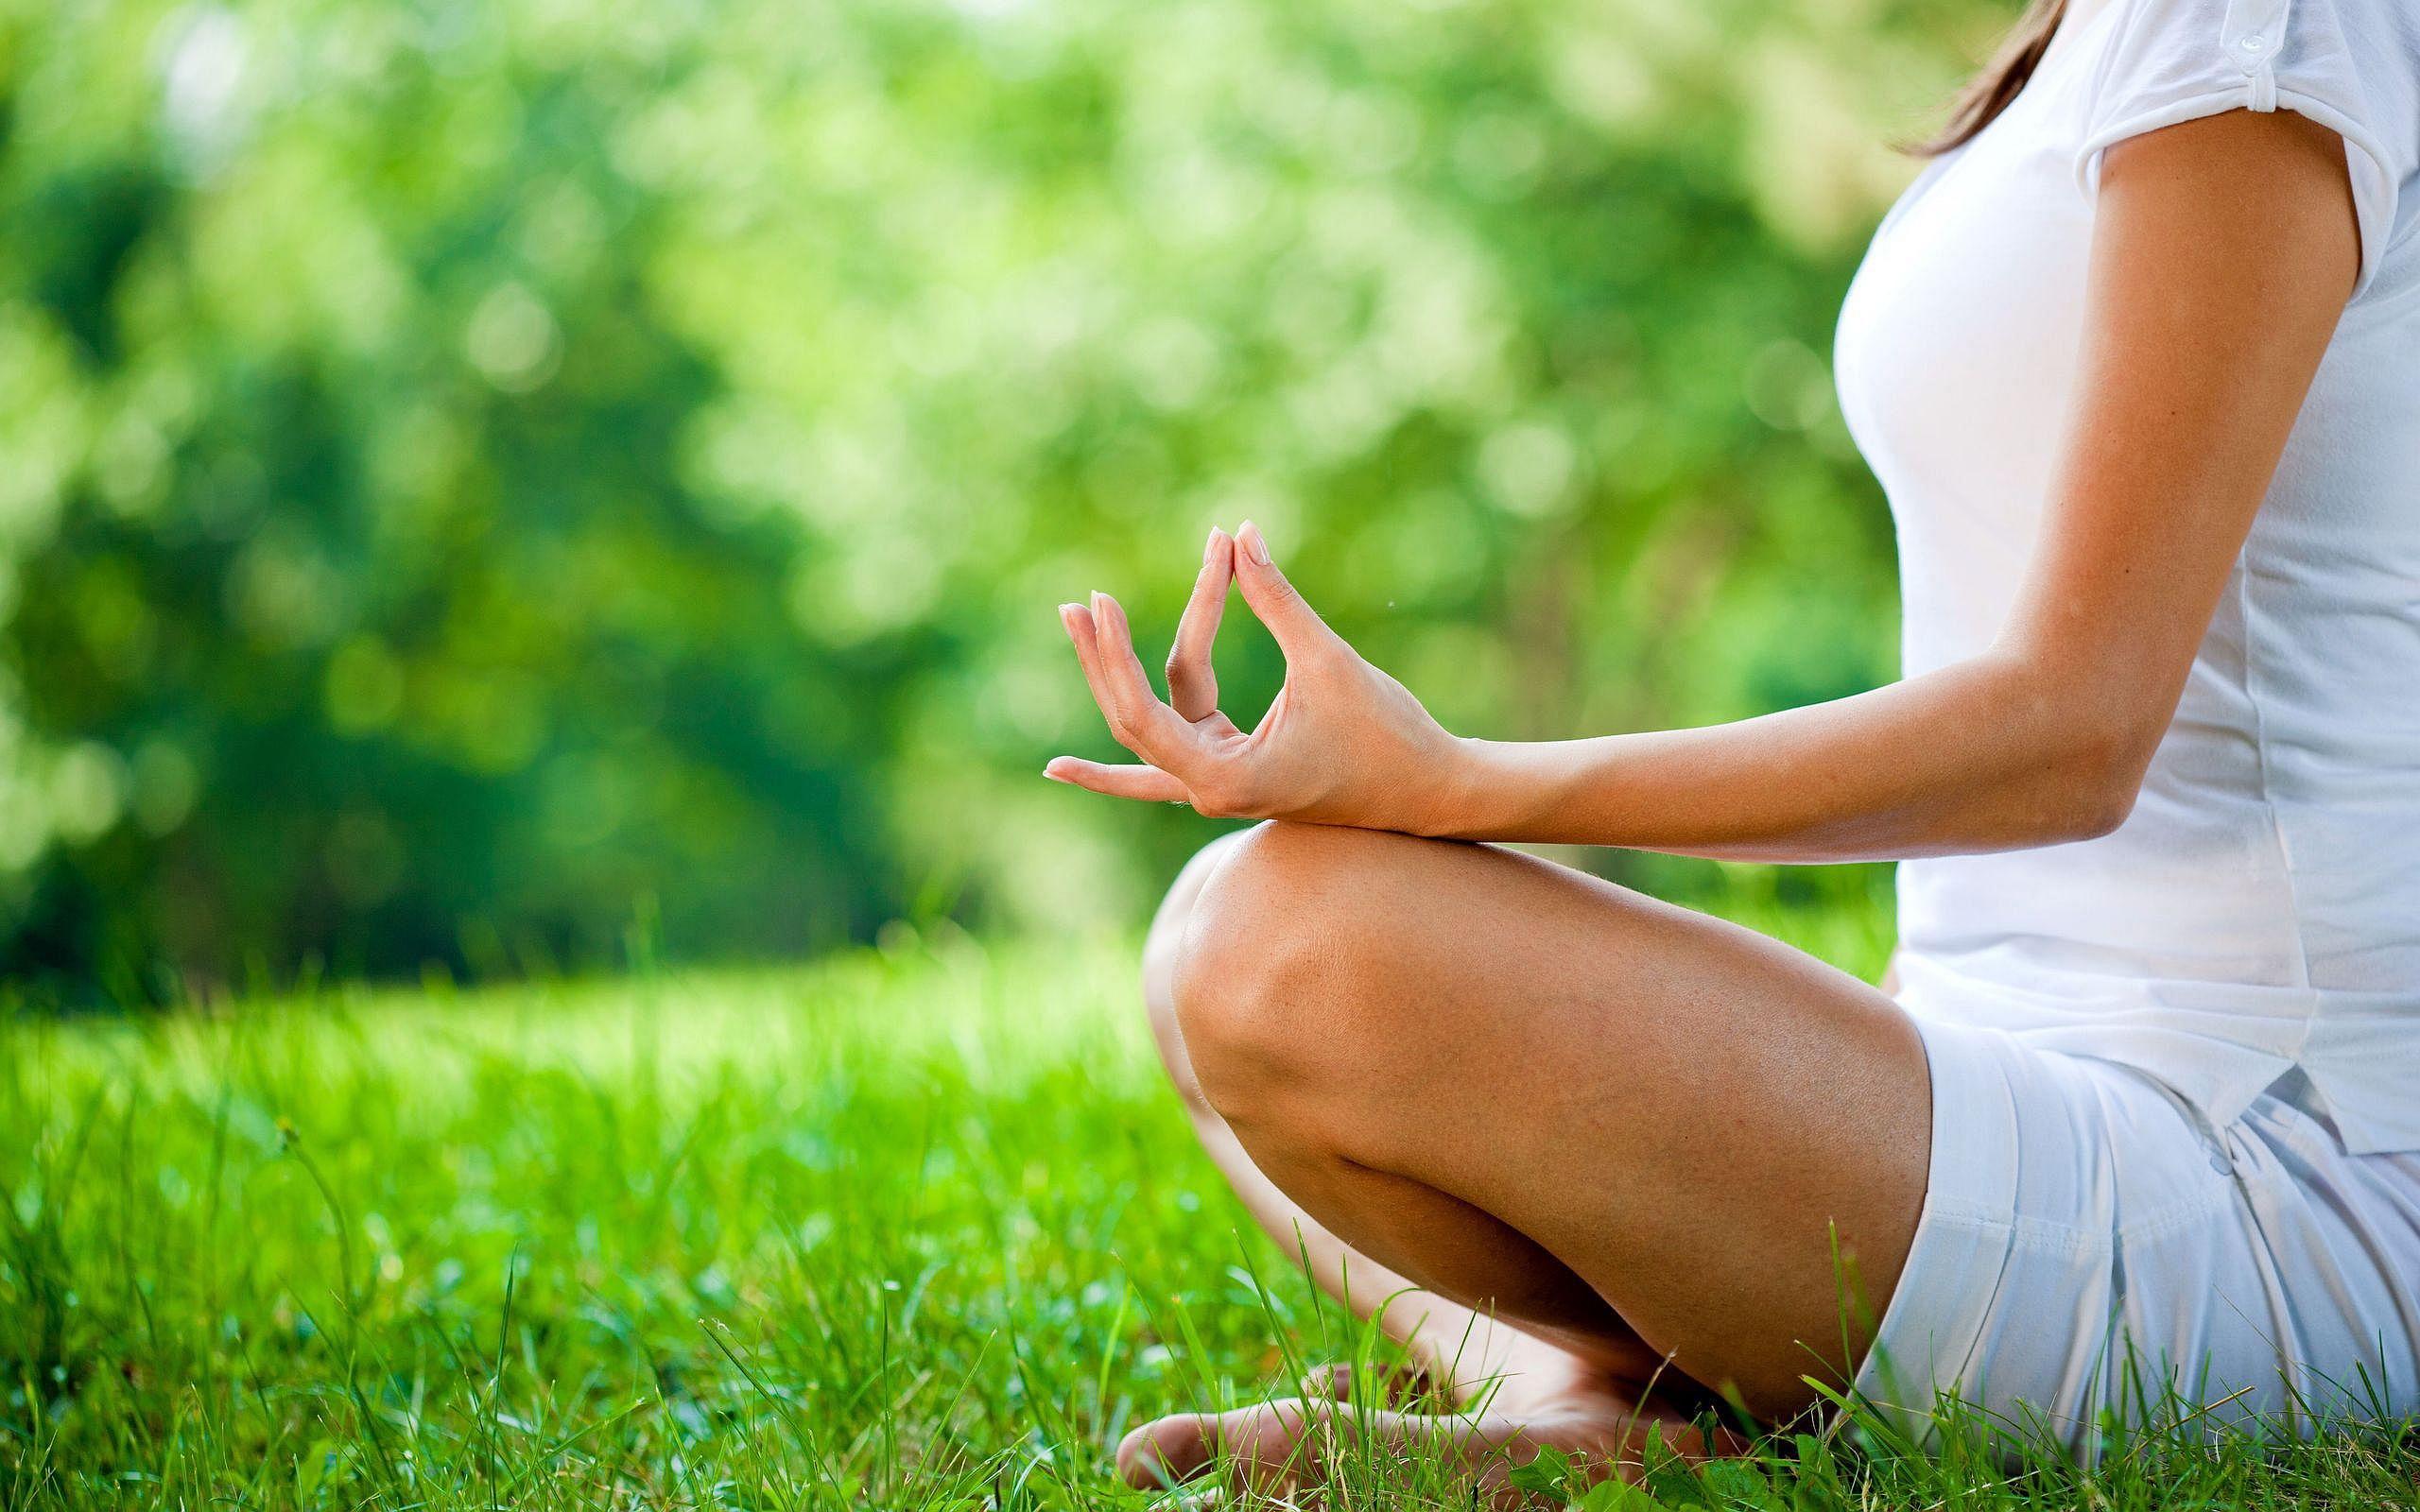 Техника медитации для начинающих  полная инструкция